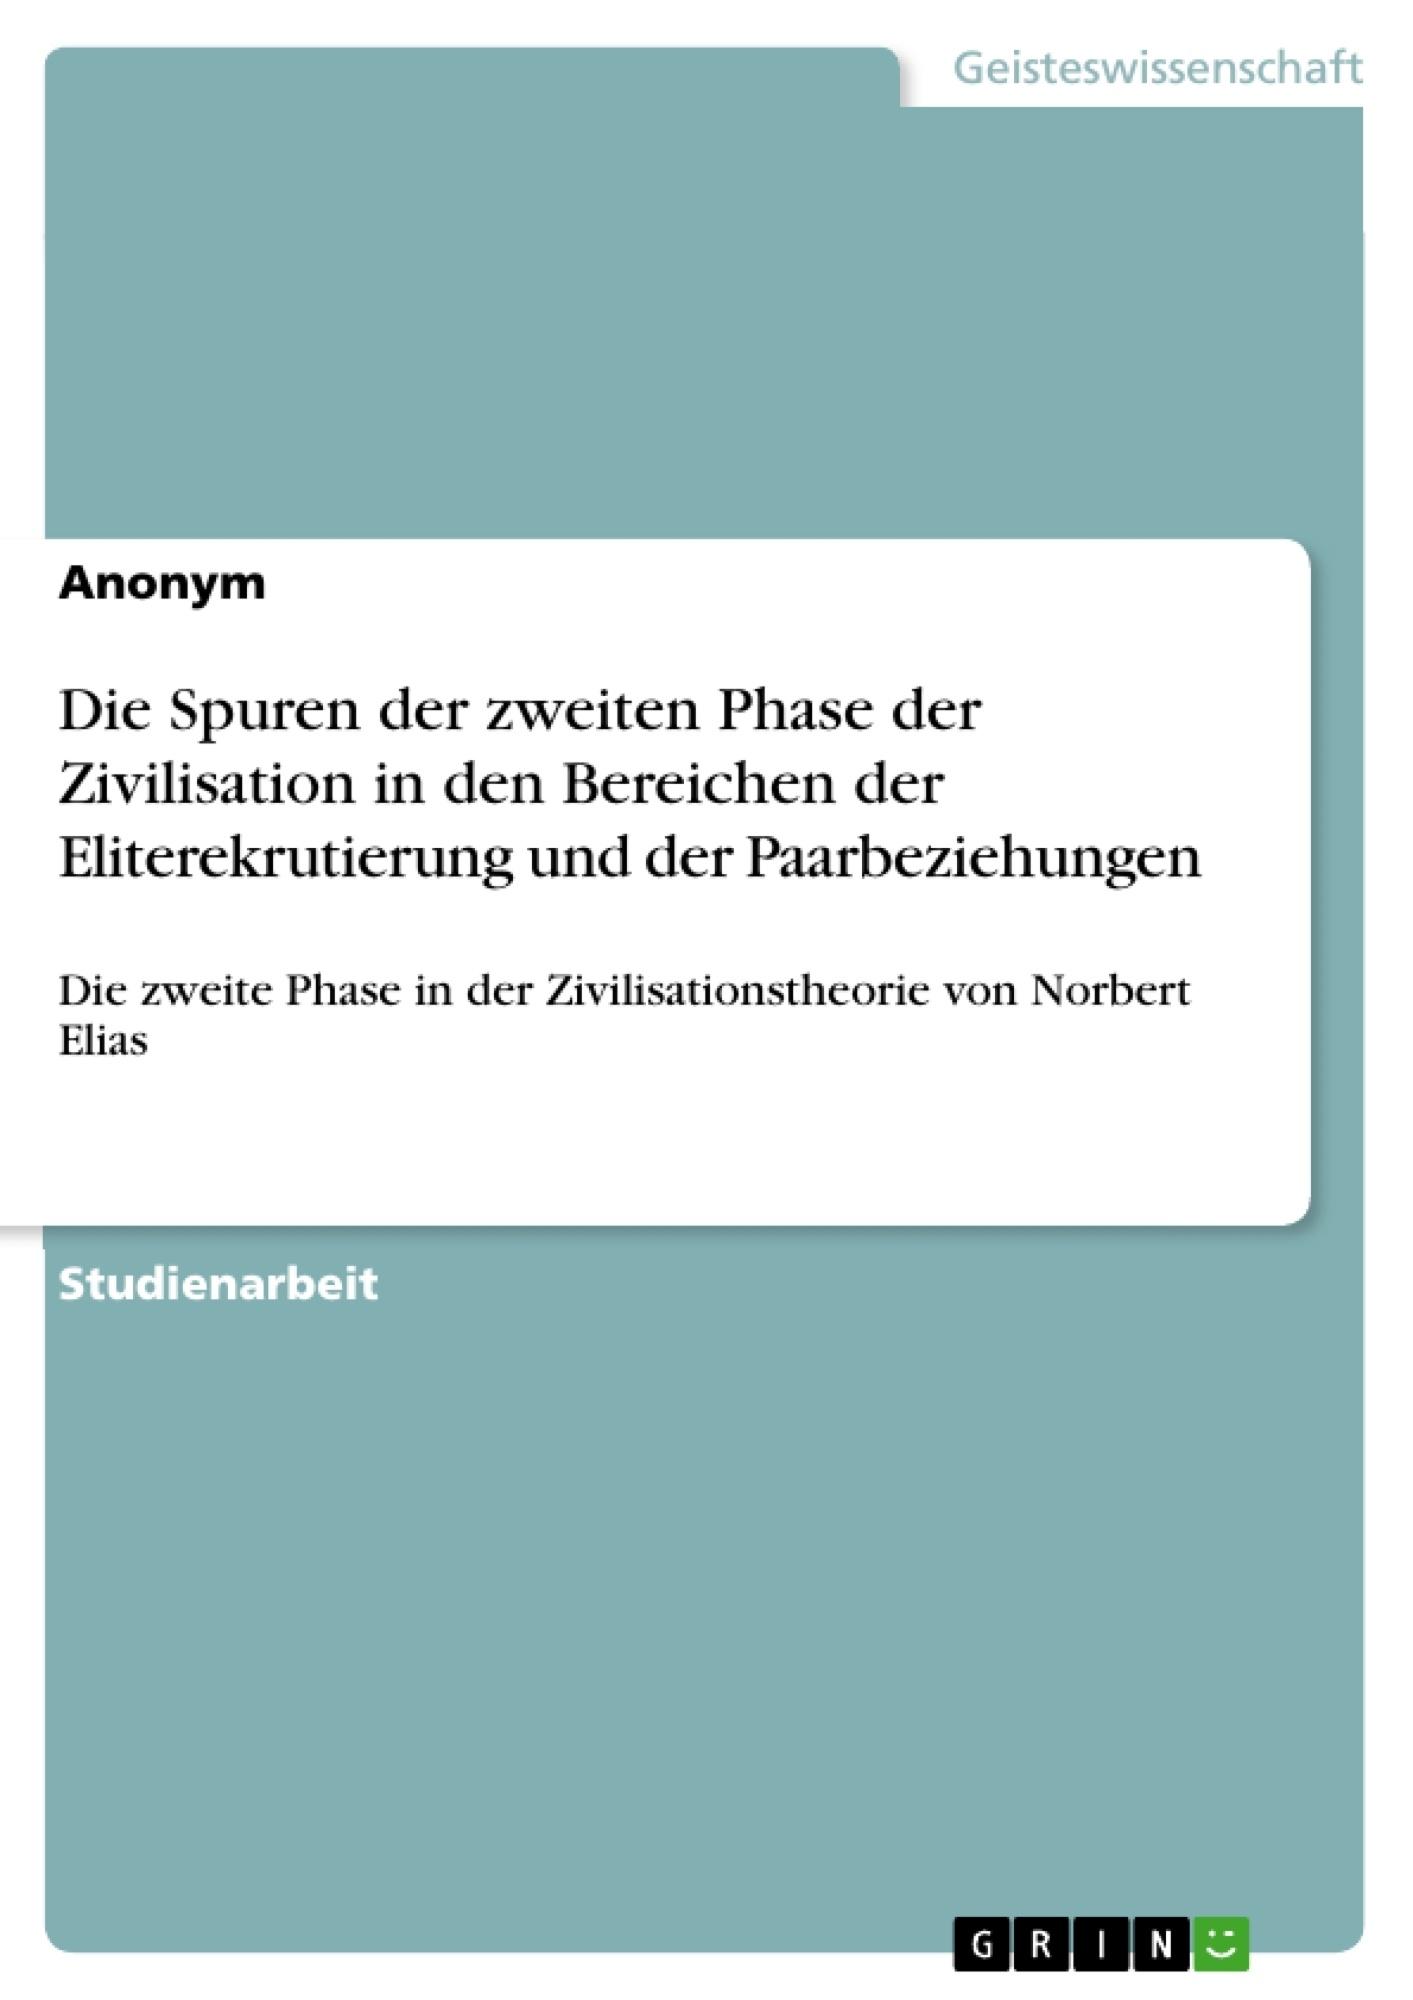 Titel: Die Spuren der zweiten Phase der Zivilisation in den Bereichen der Eliterekrutierung und der Paarbeziehungen